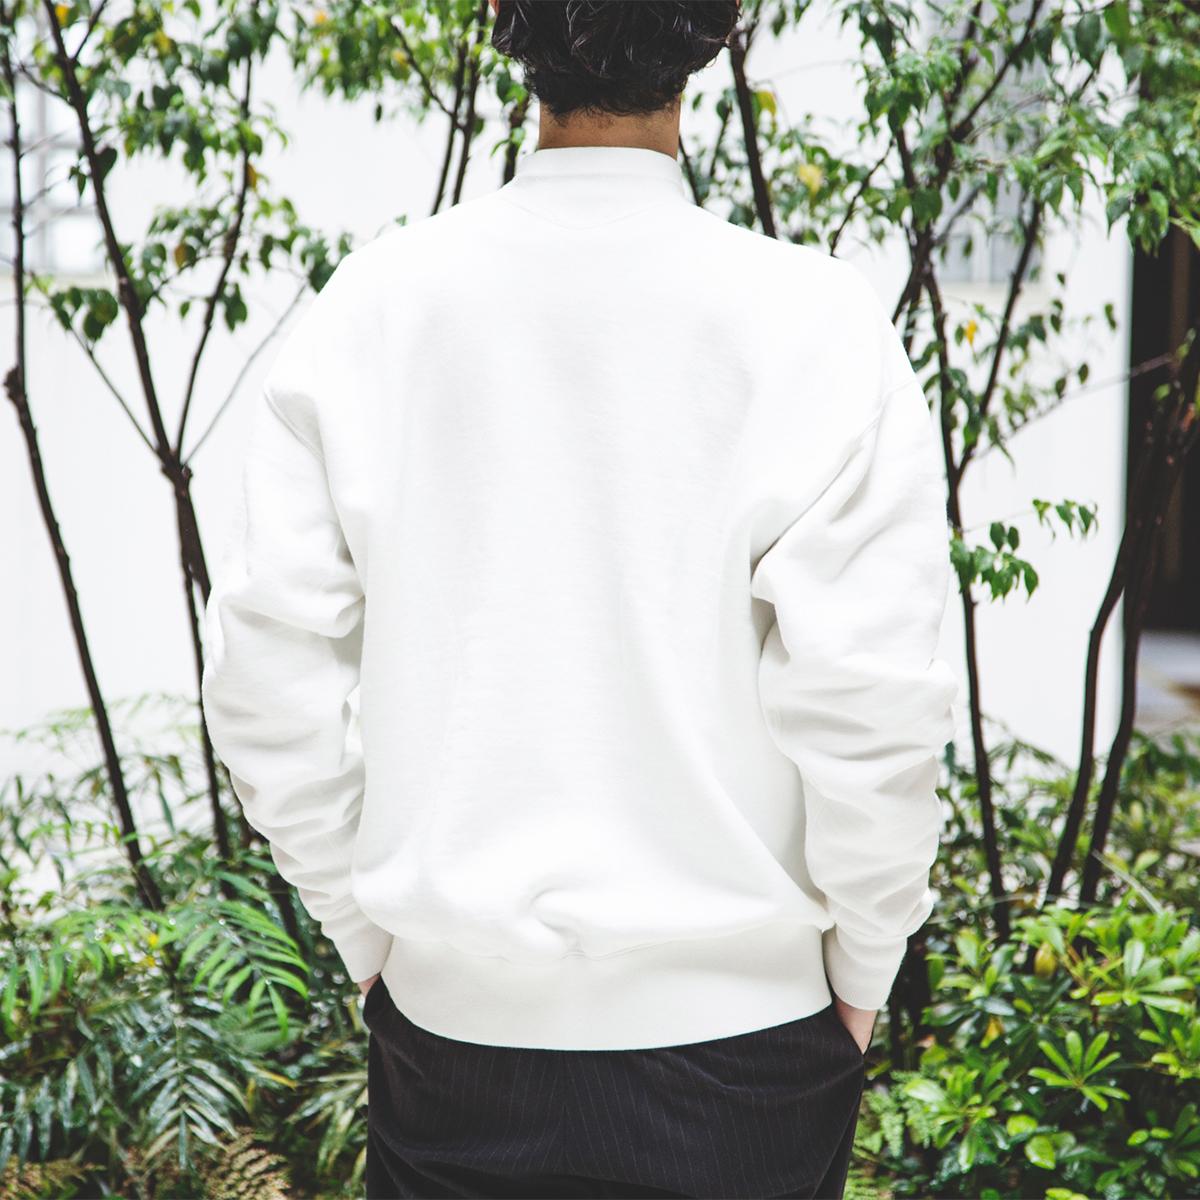 100年前のスウェット、復刻|《WHITE/フットボールシャツ》肩まわり軽やかな独自のディテール、スポルディング社の名作から再構築されたスウェット|A.G. Spalding & Bros